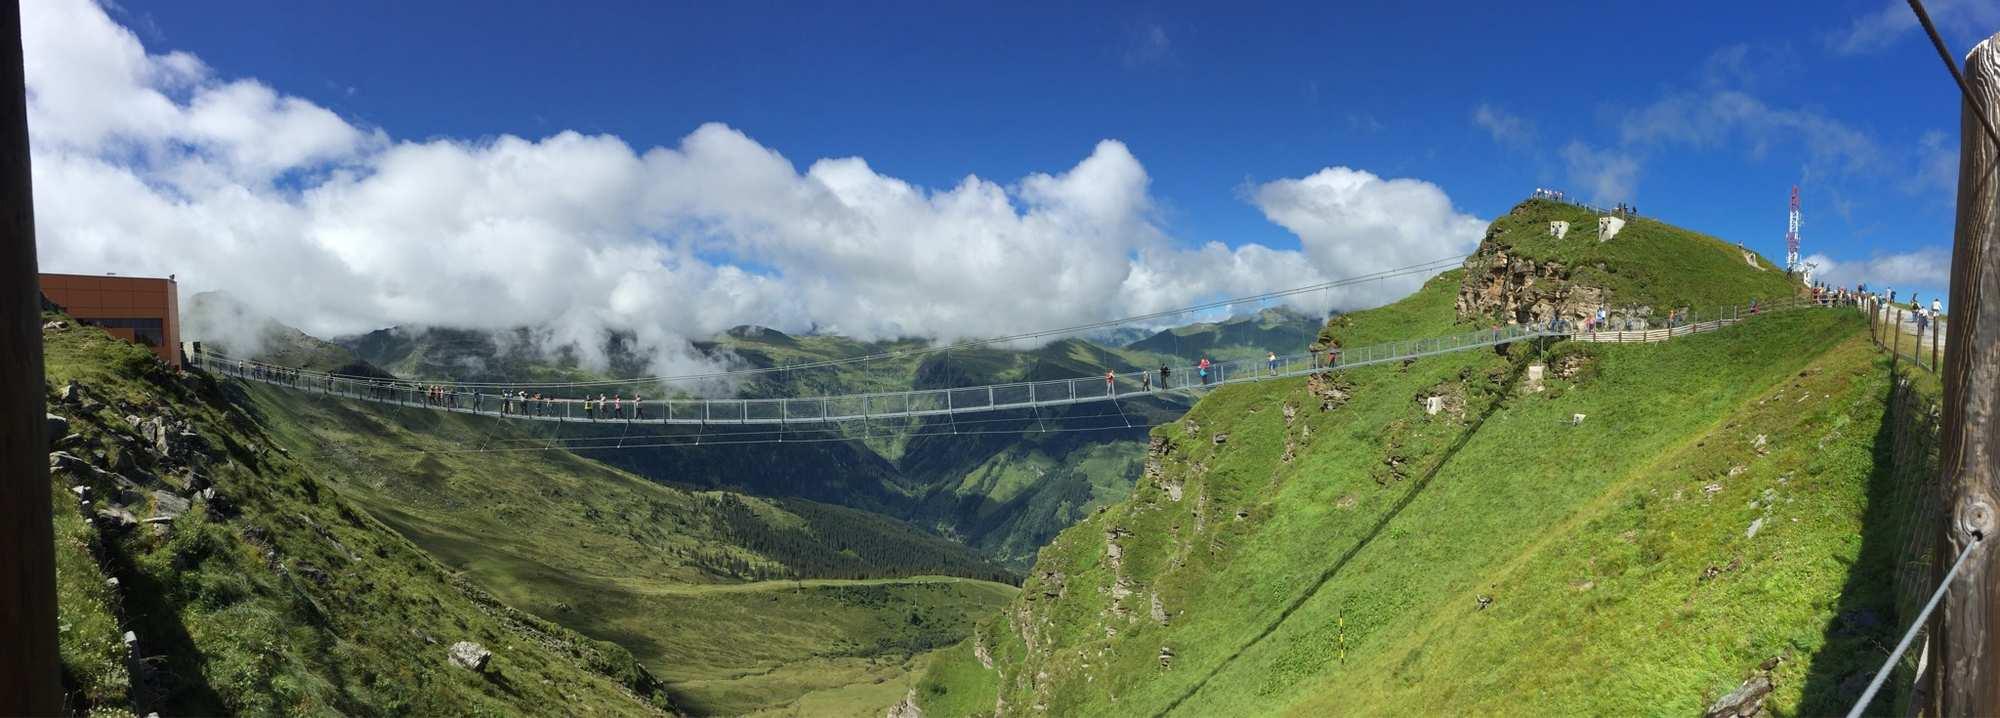 Spectacular suspension bridges